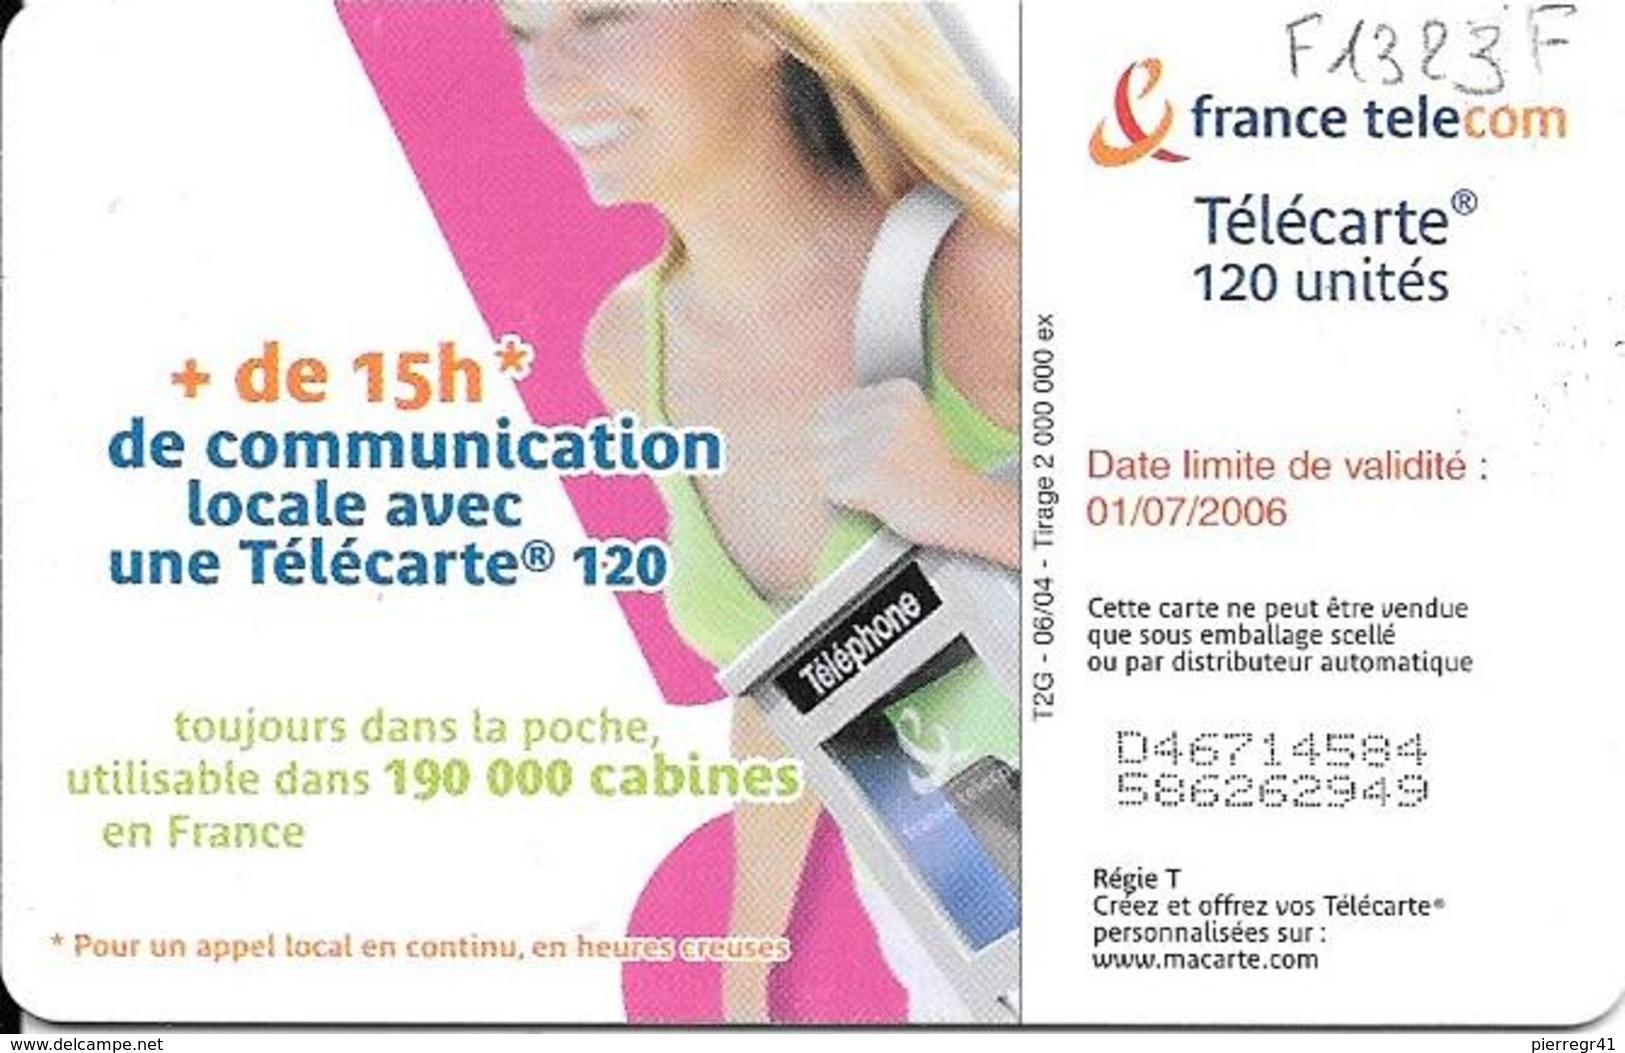 TC-PUBLIC-F1323F-120U-OB2-06/04-N° Maigre-CABINE  BAGAGE 1-UTILISE-TBE-RARE - France